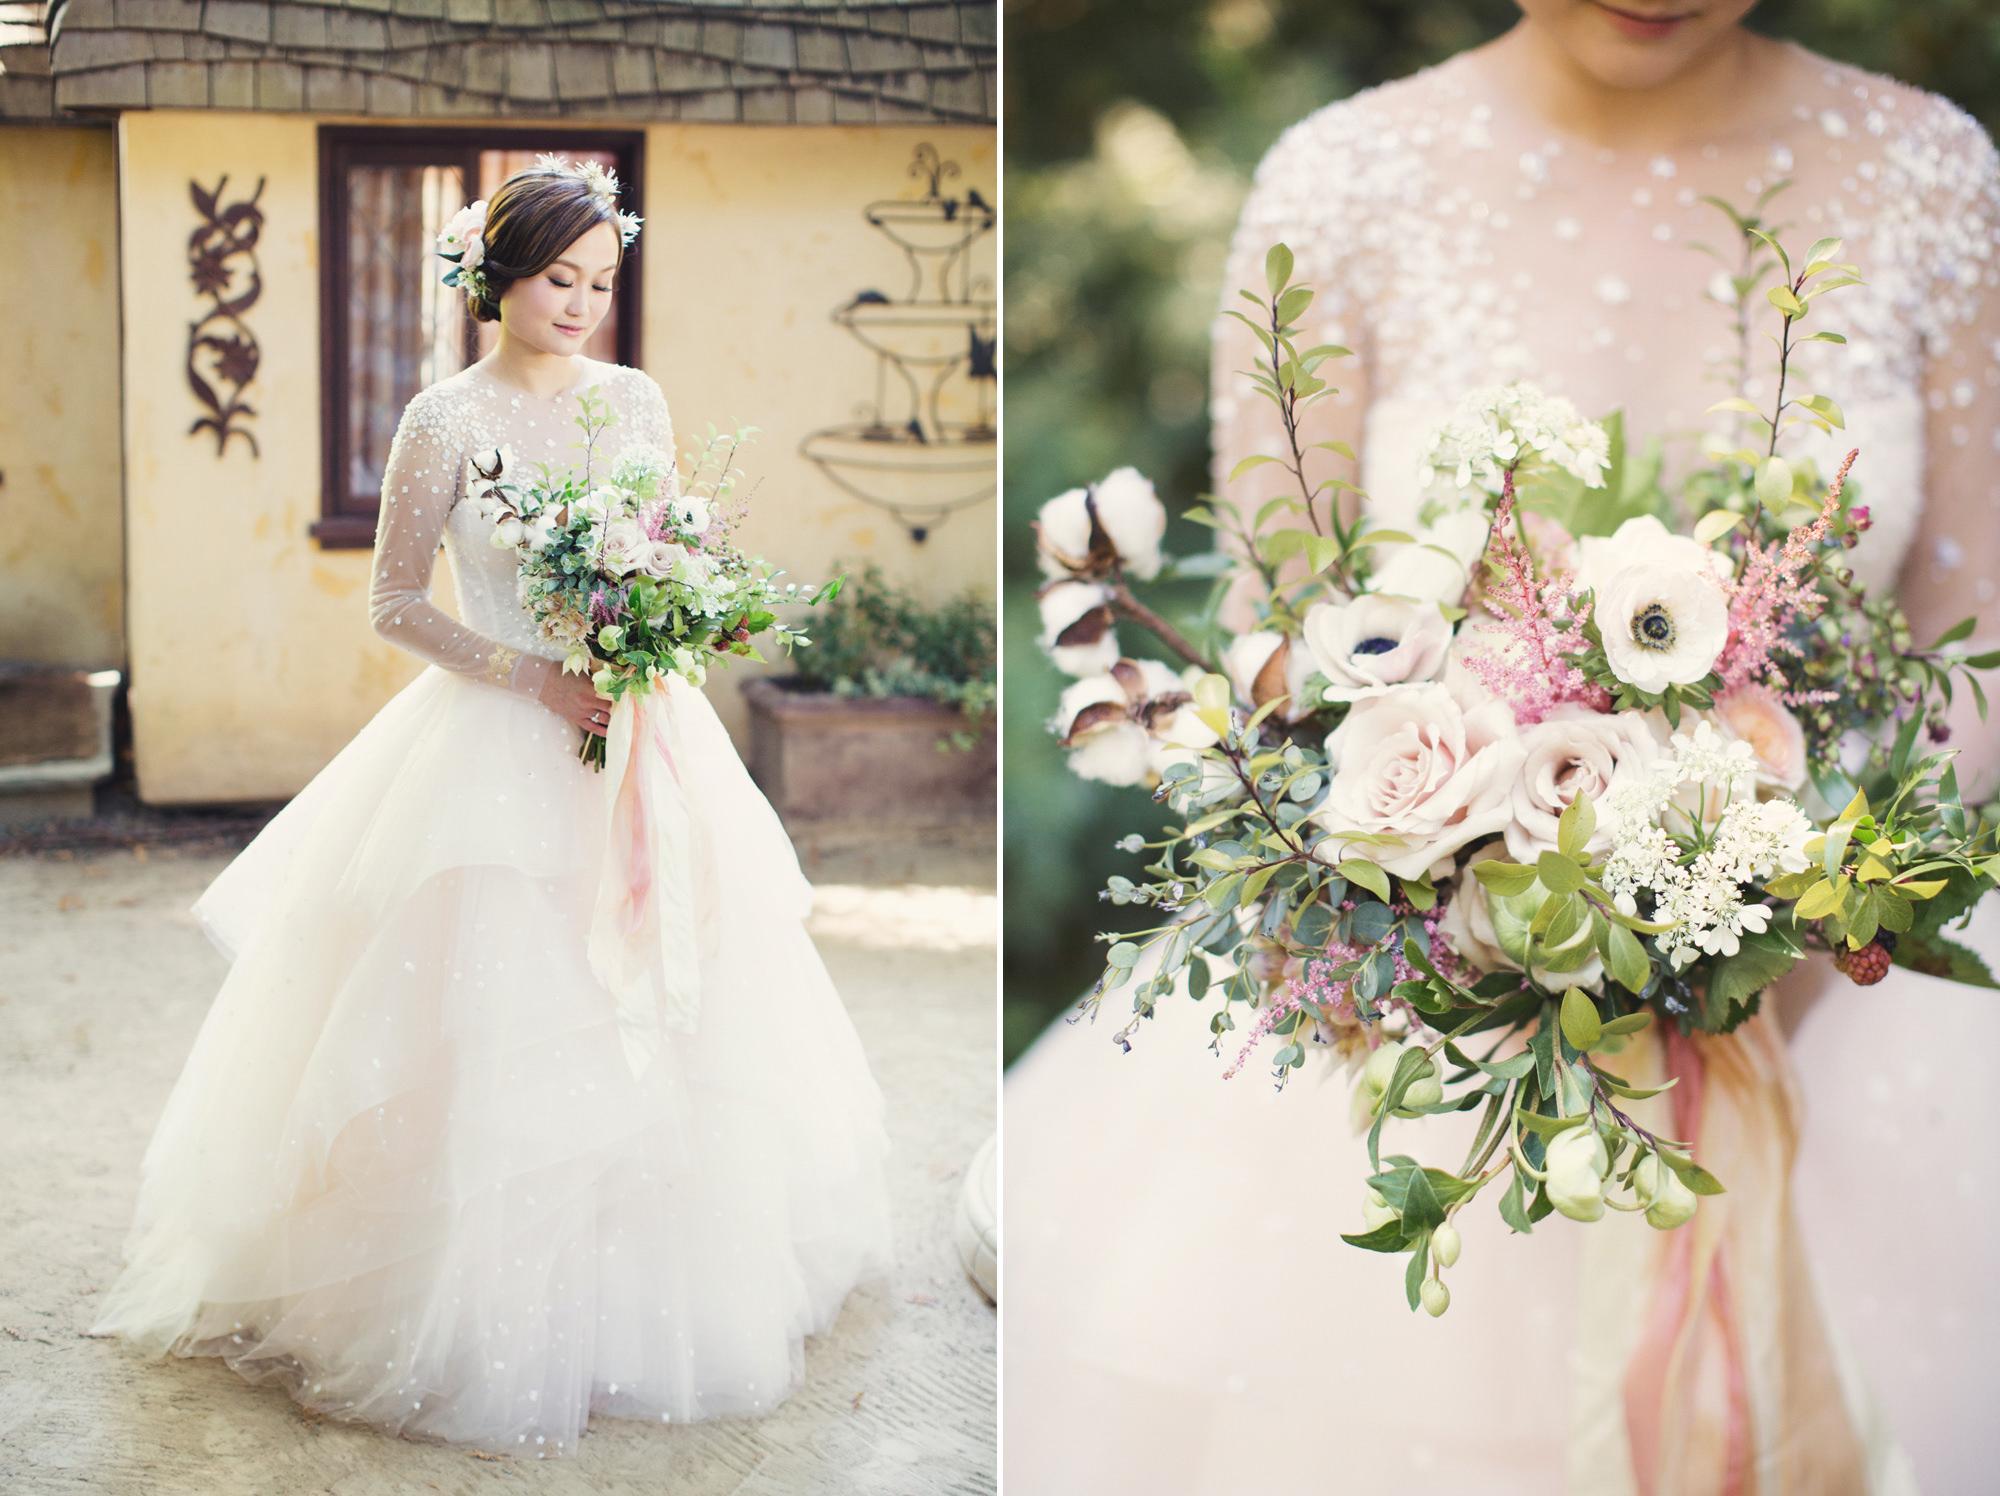 Fairytale Wedding in Nestldown ©Anne-Claire Brun 0022